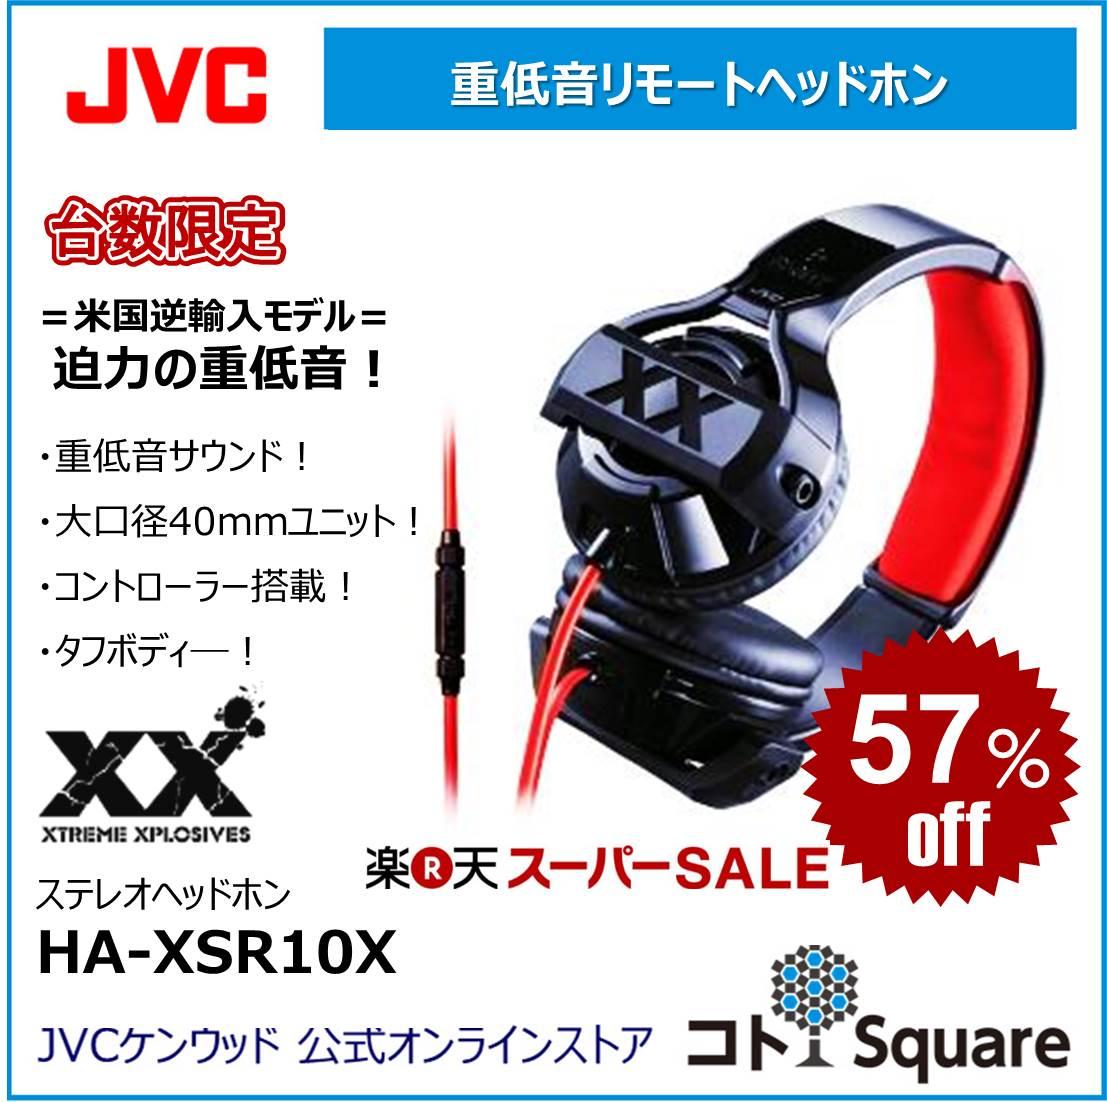 JVC 重低音ヘッドホン HA-XSR10X 重低音 headphone XXシリーズ XX ブラック レッド ヘッドホンおしゃれ 1.2mコード ヘッドバンド型 スマホ対応ヘッドホン イヤホンタフ ヘッドフォン ギフト コトSquare リモート iPhone 対応 リモコン ハンズフリー